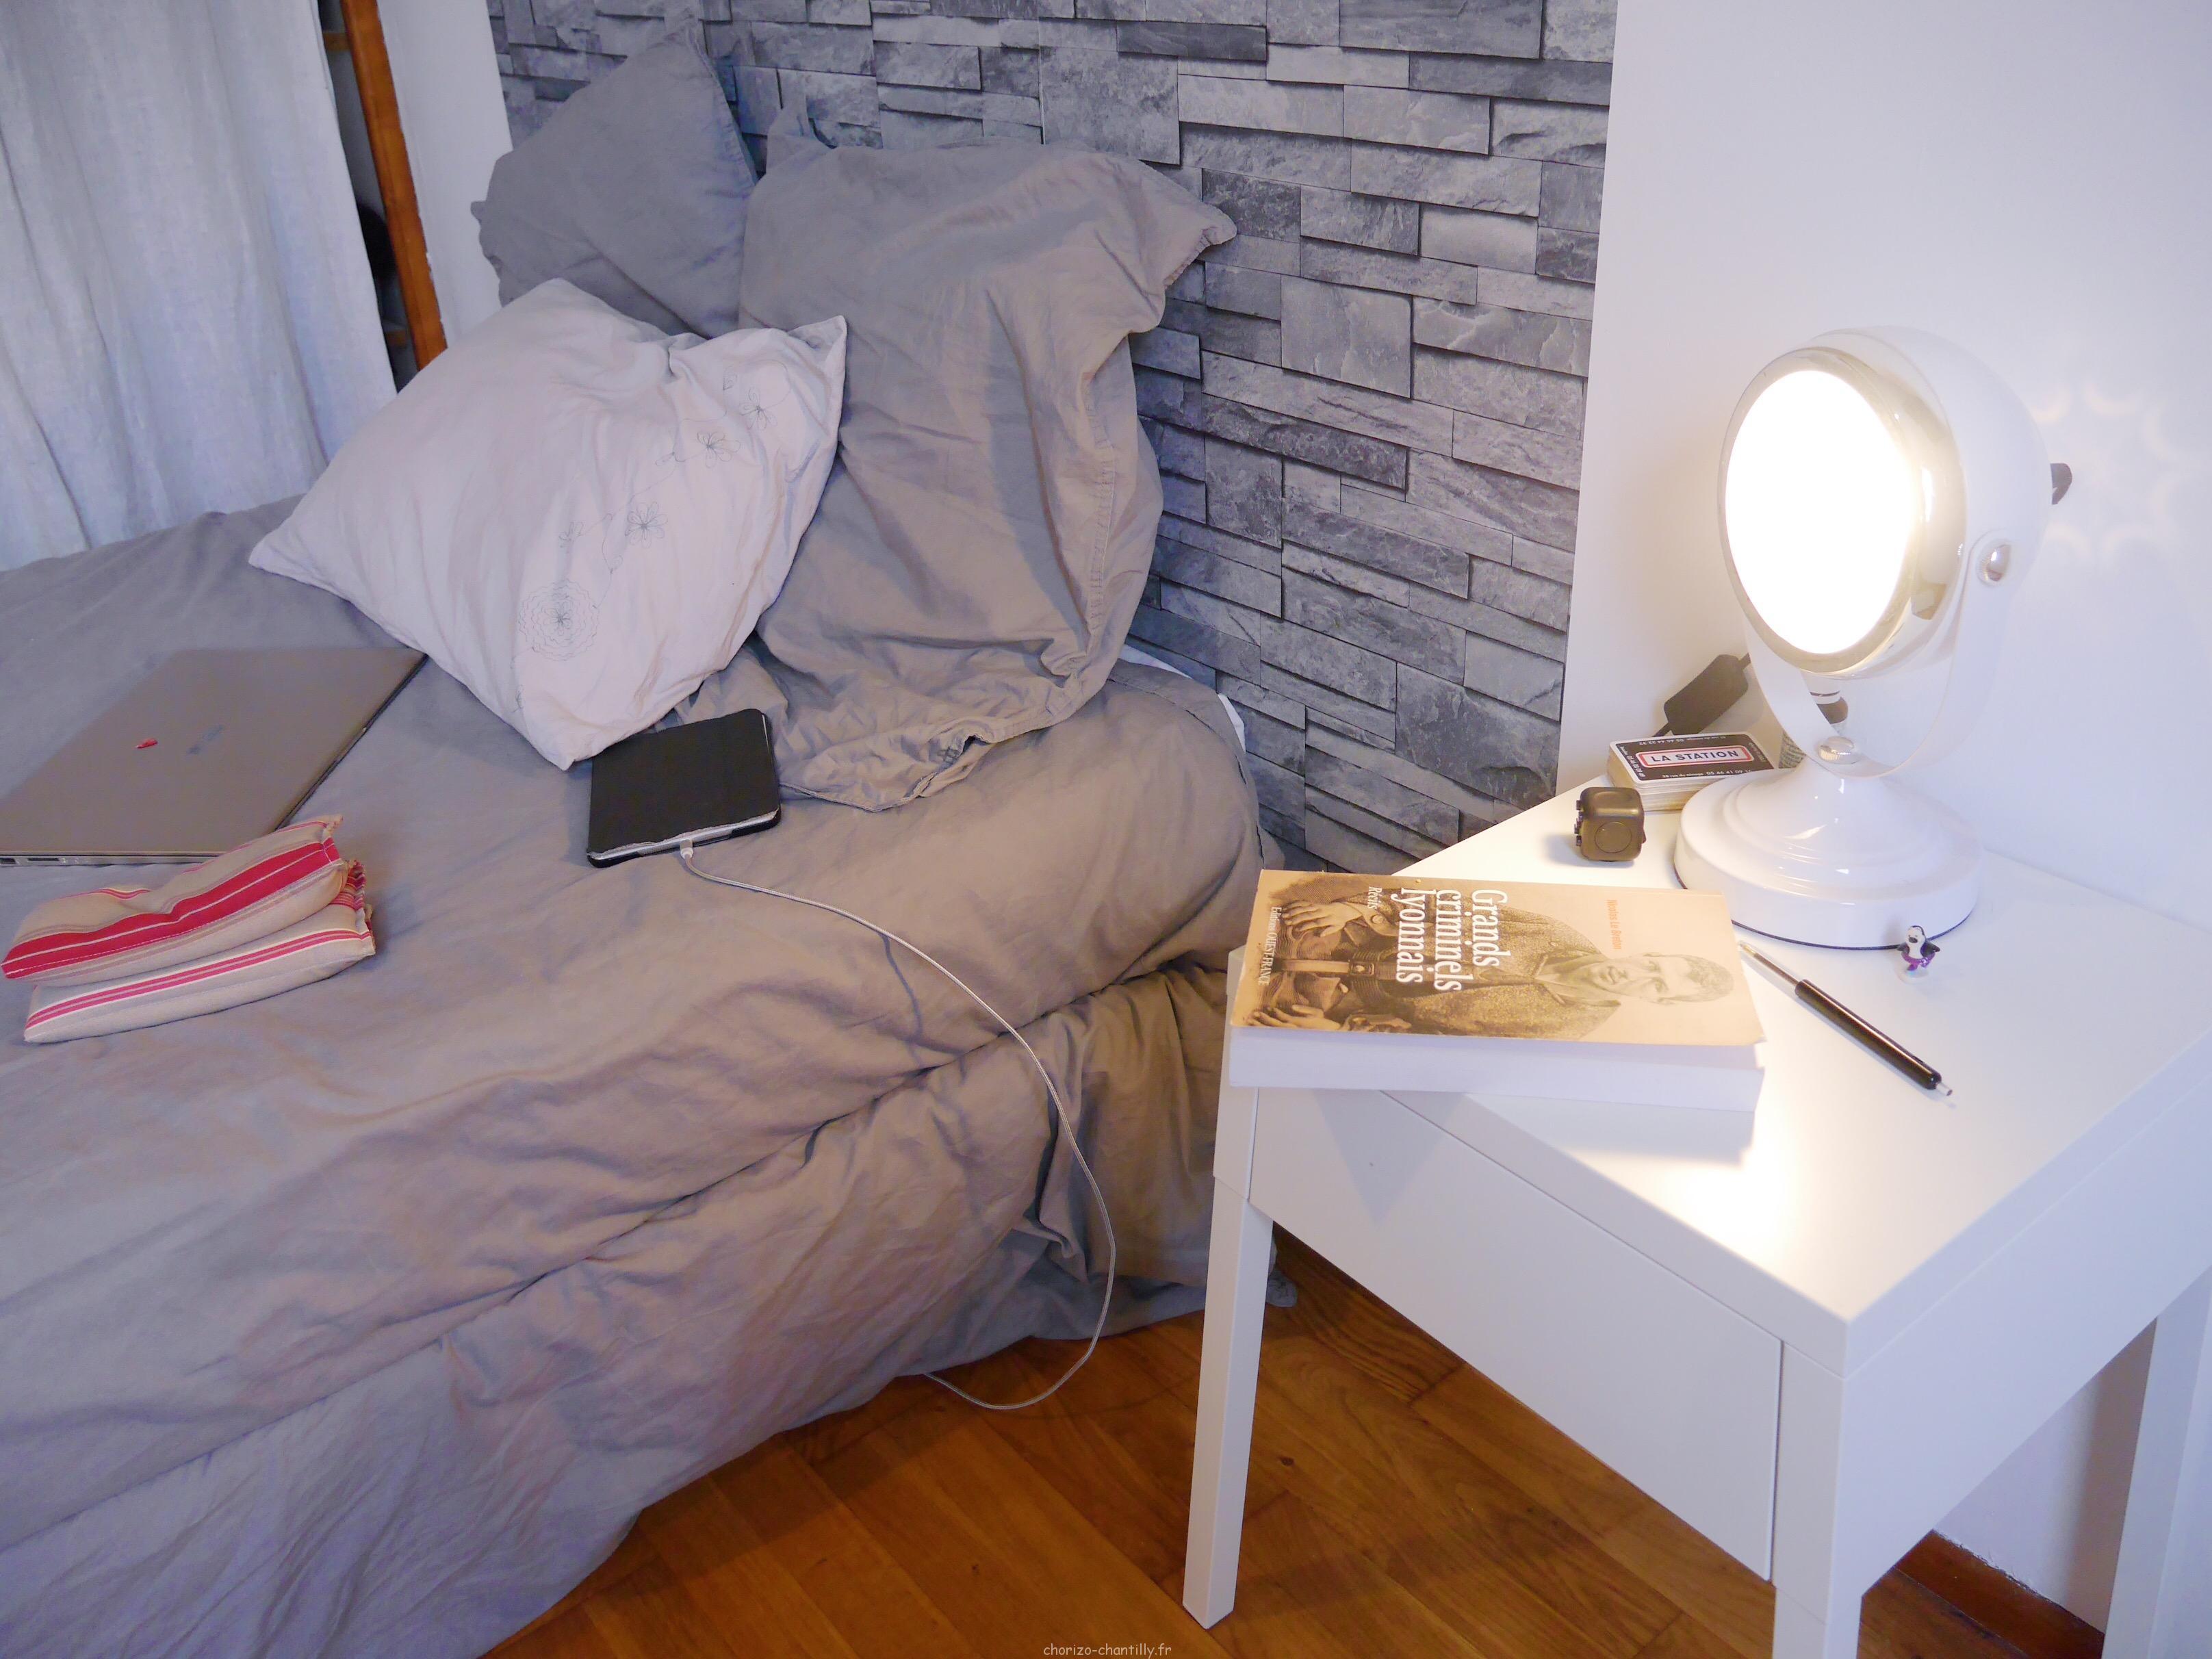 Petit Chevet En Métal Ikea, Lampe Phare Becquet Déjà Dans La Place Et 4  Caissons Bibliothèque/étagère Ikea Posés En Quinconce Sur Le Mur Pour  Quelques ...